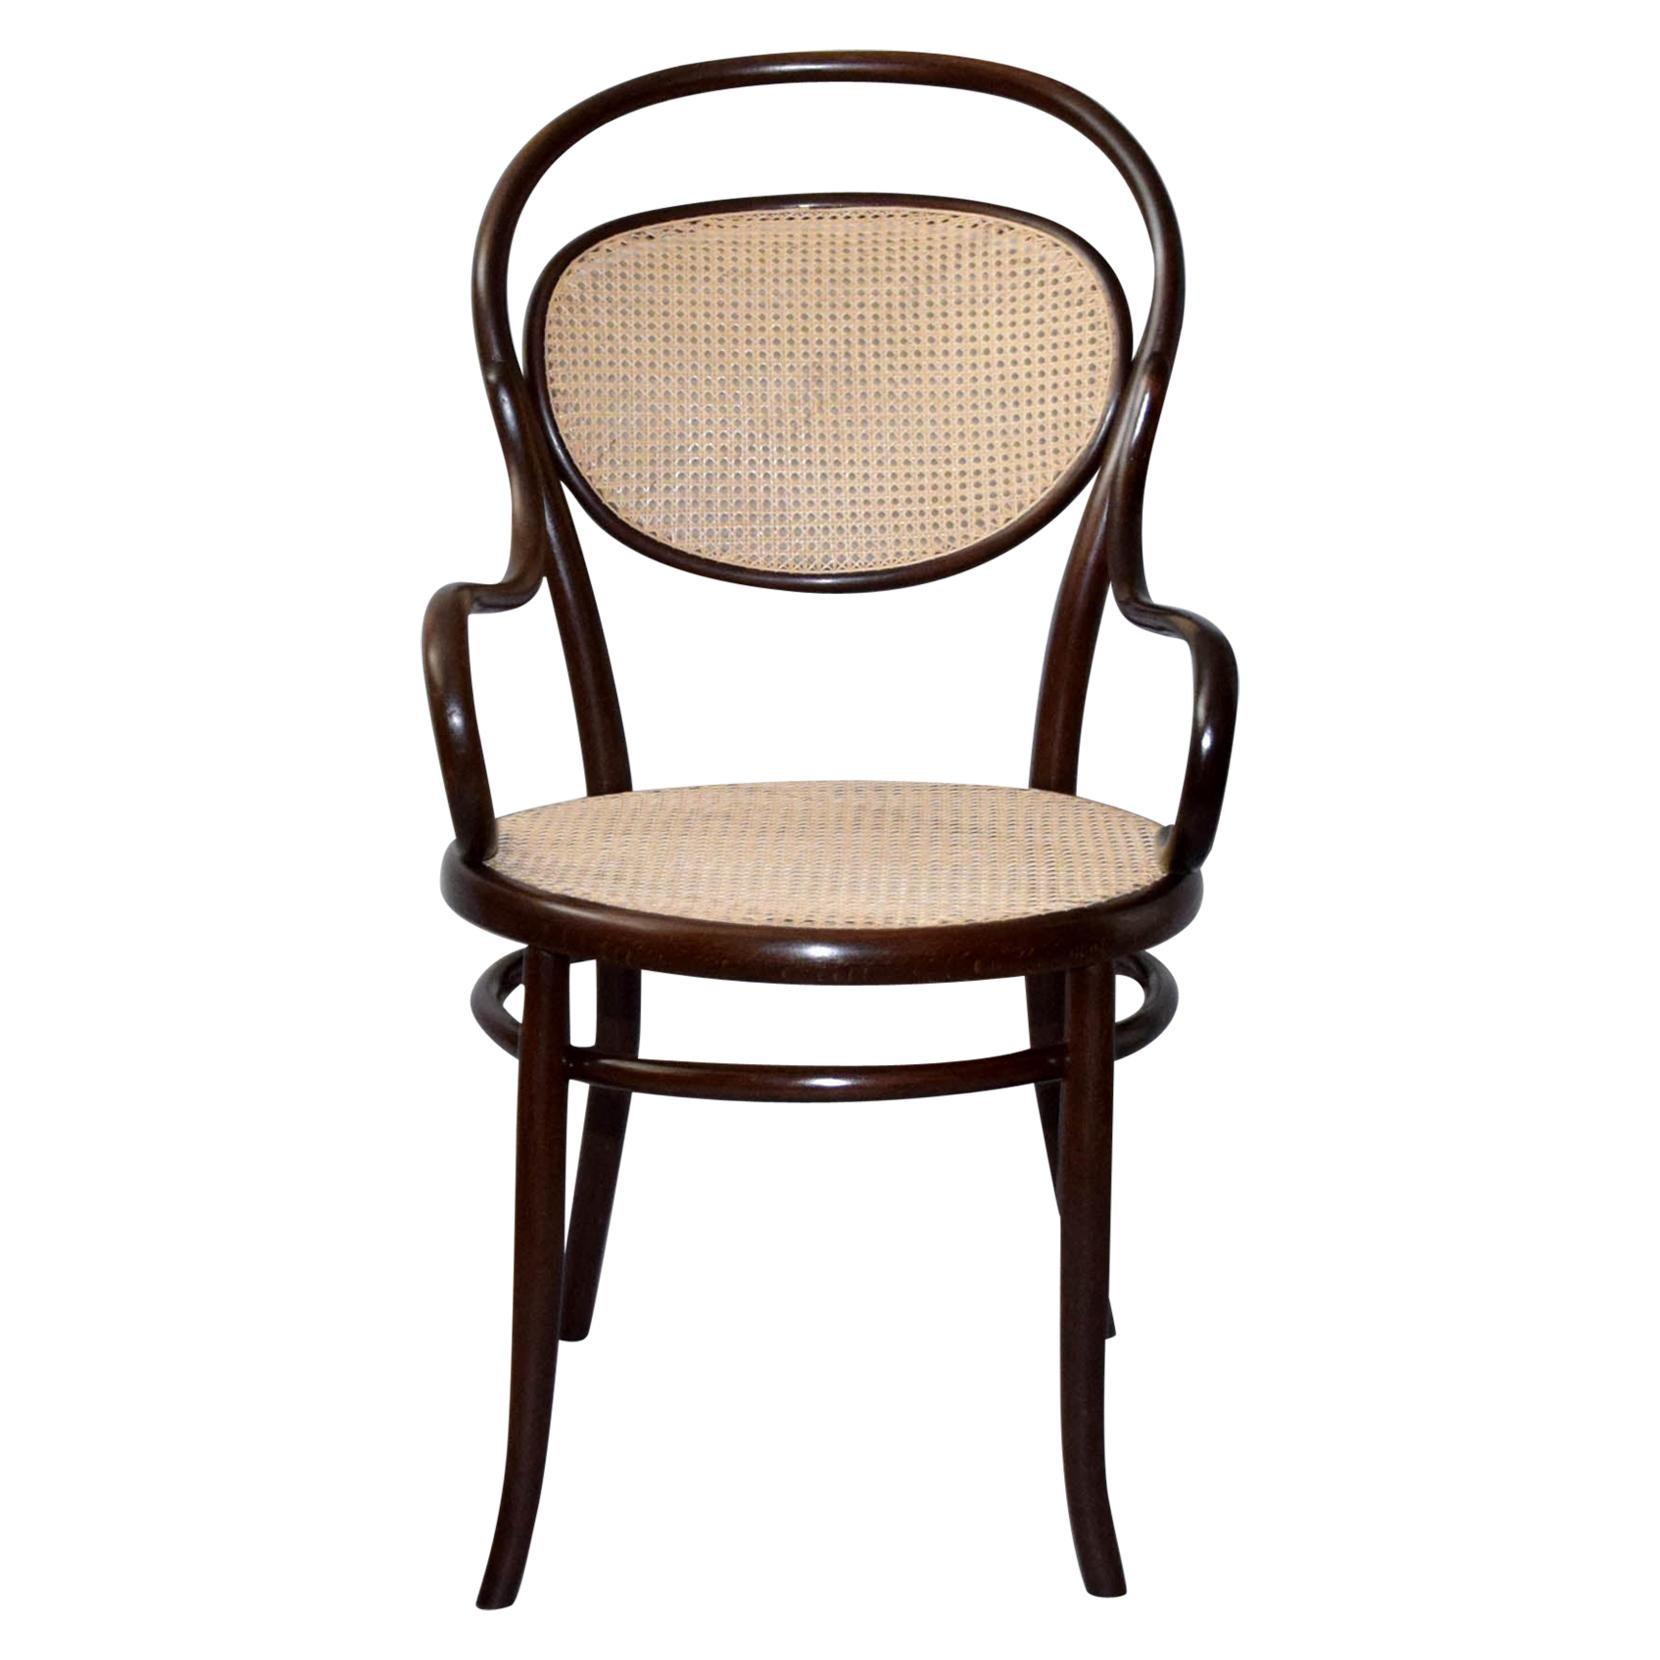 1900s Thonet Office Chair, Model Nr. 15